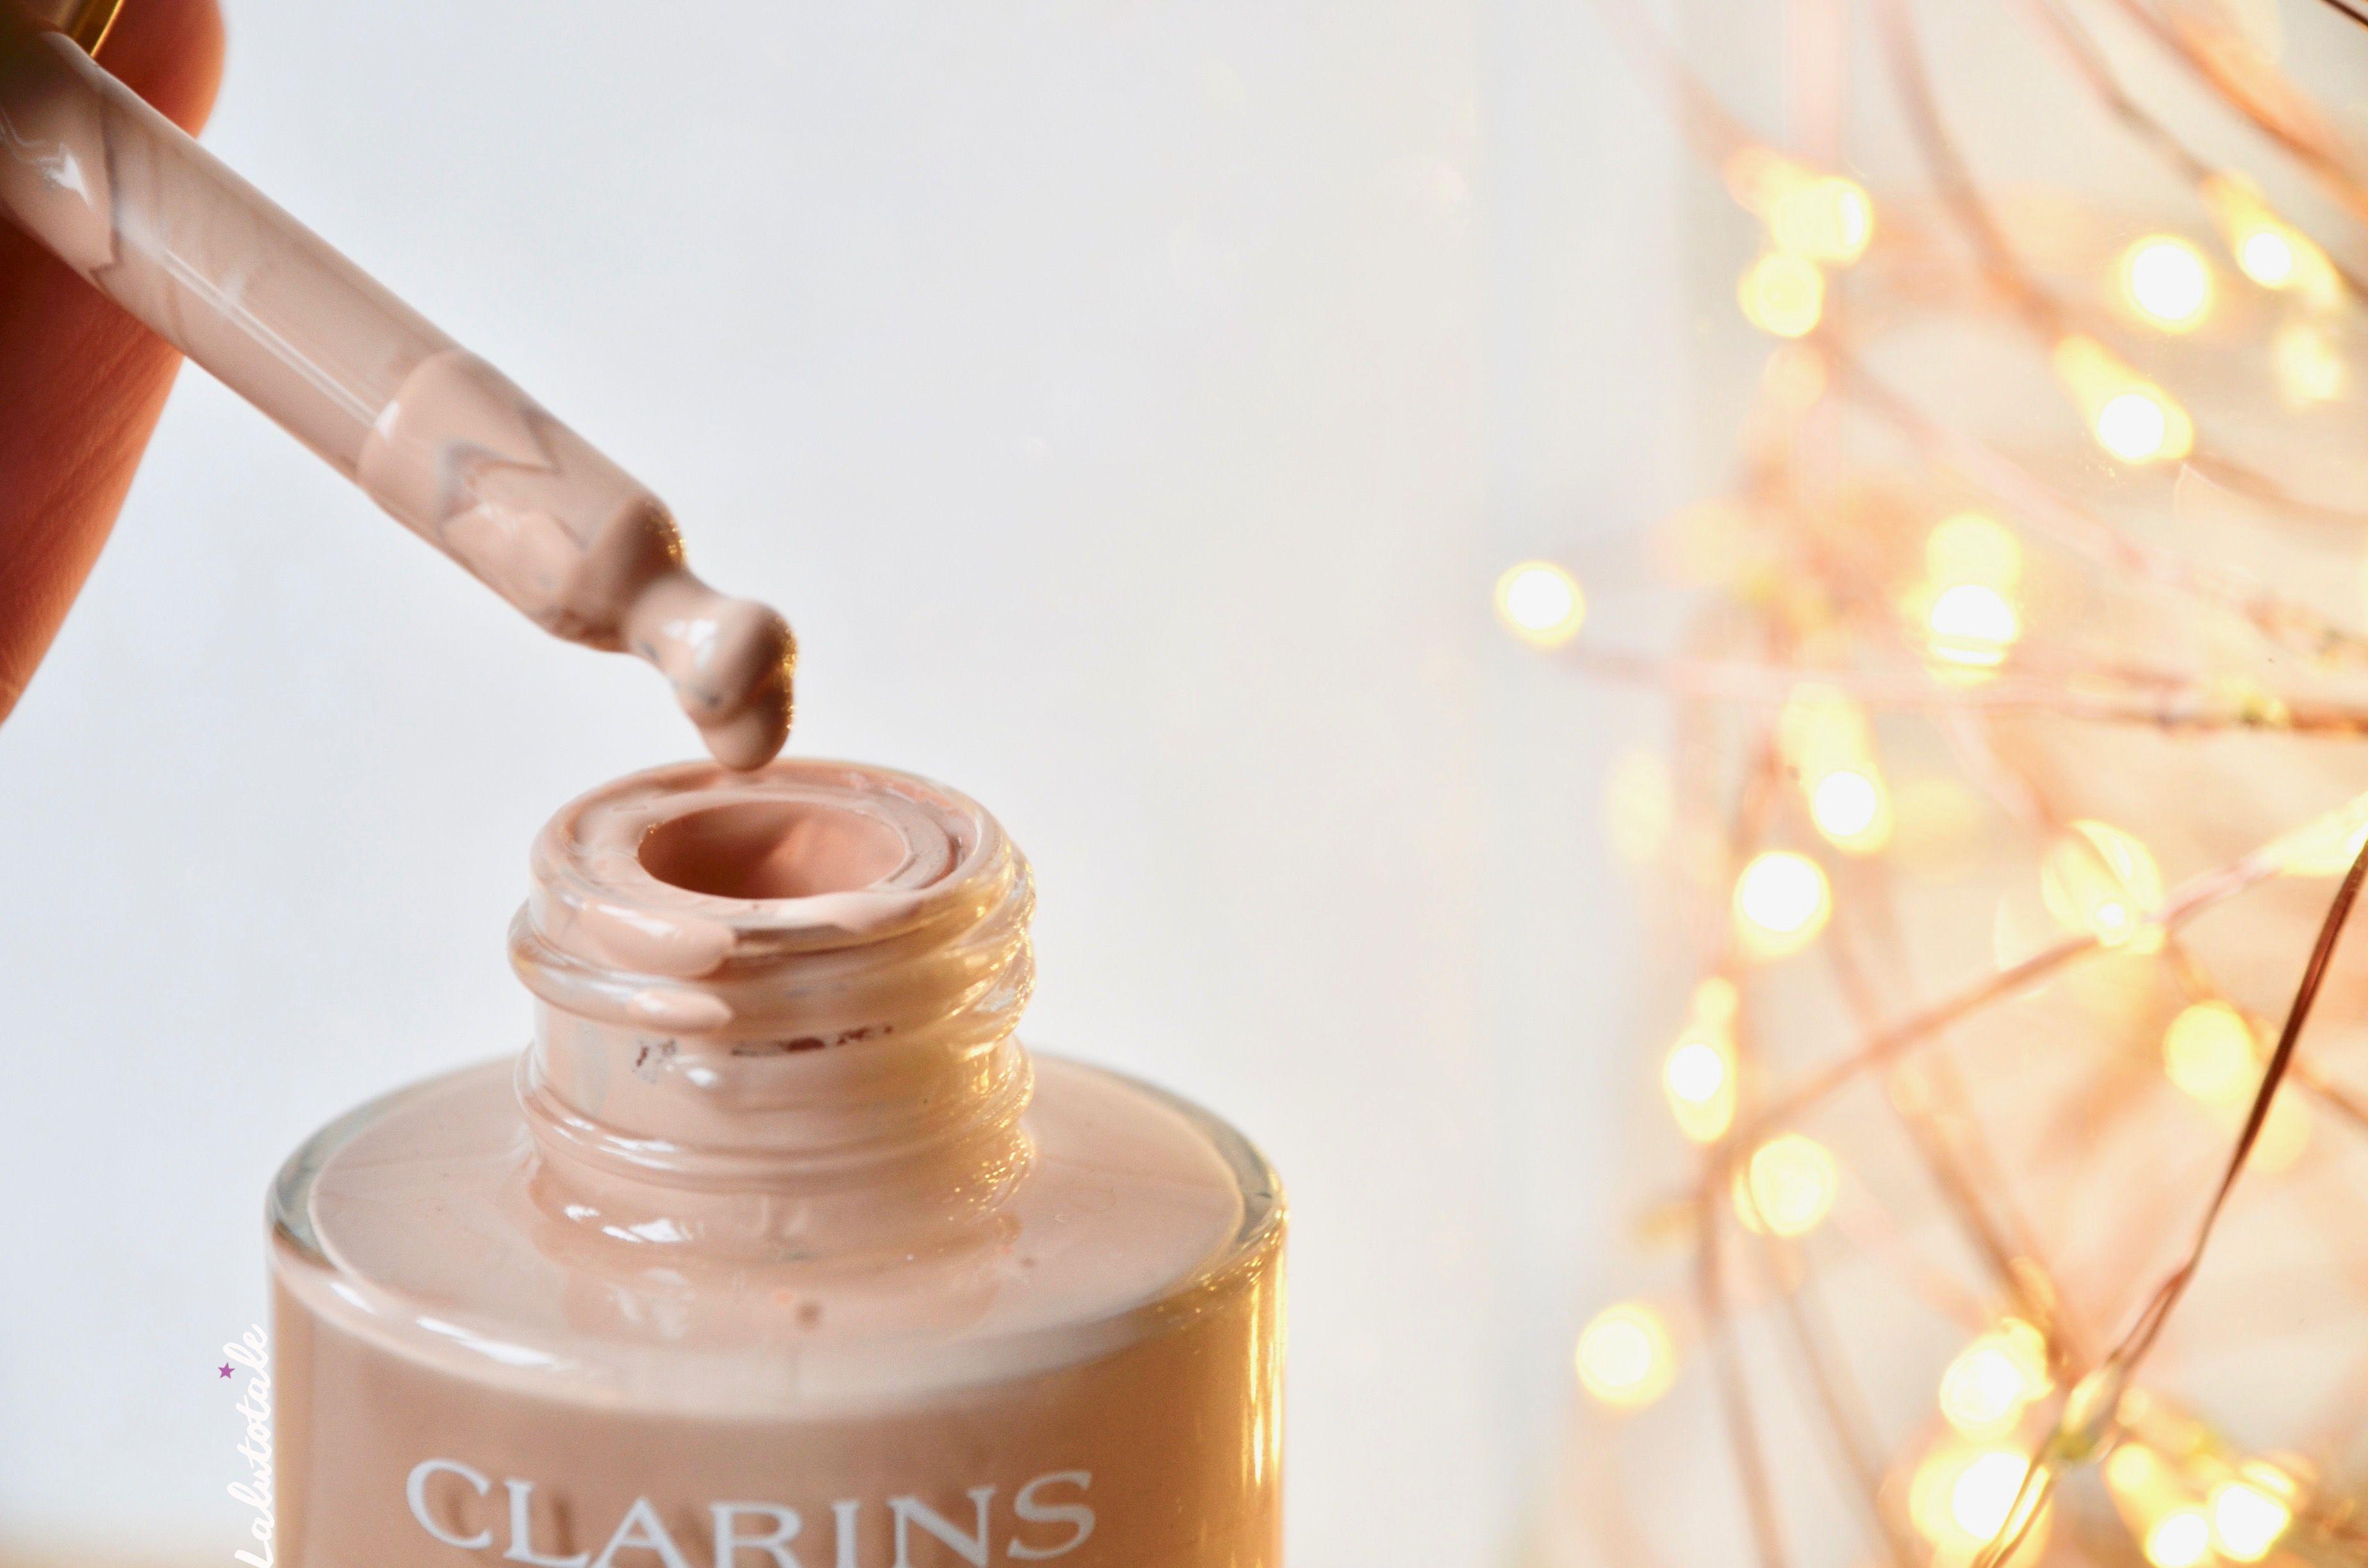 ( CLARINS ) Le combo Soin + Fond de teint, c'est possible avec Skin Illusion ?